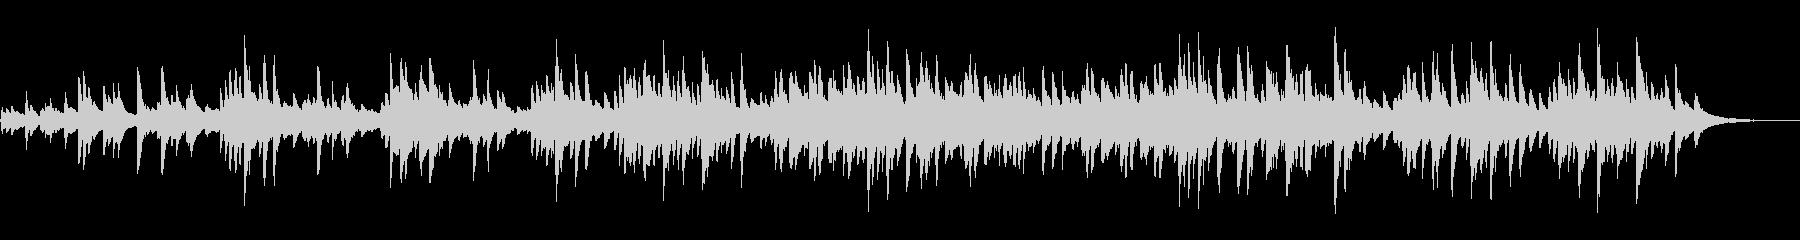 和食動画のBGMに!あの曲の琴カバーの未再生の波形